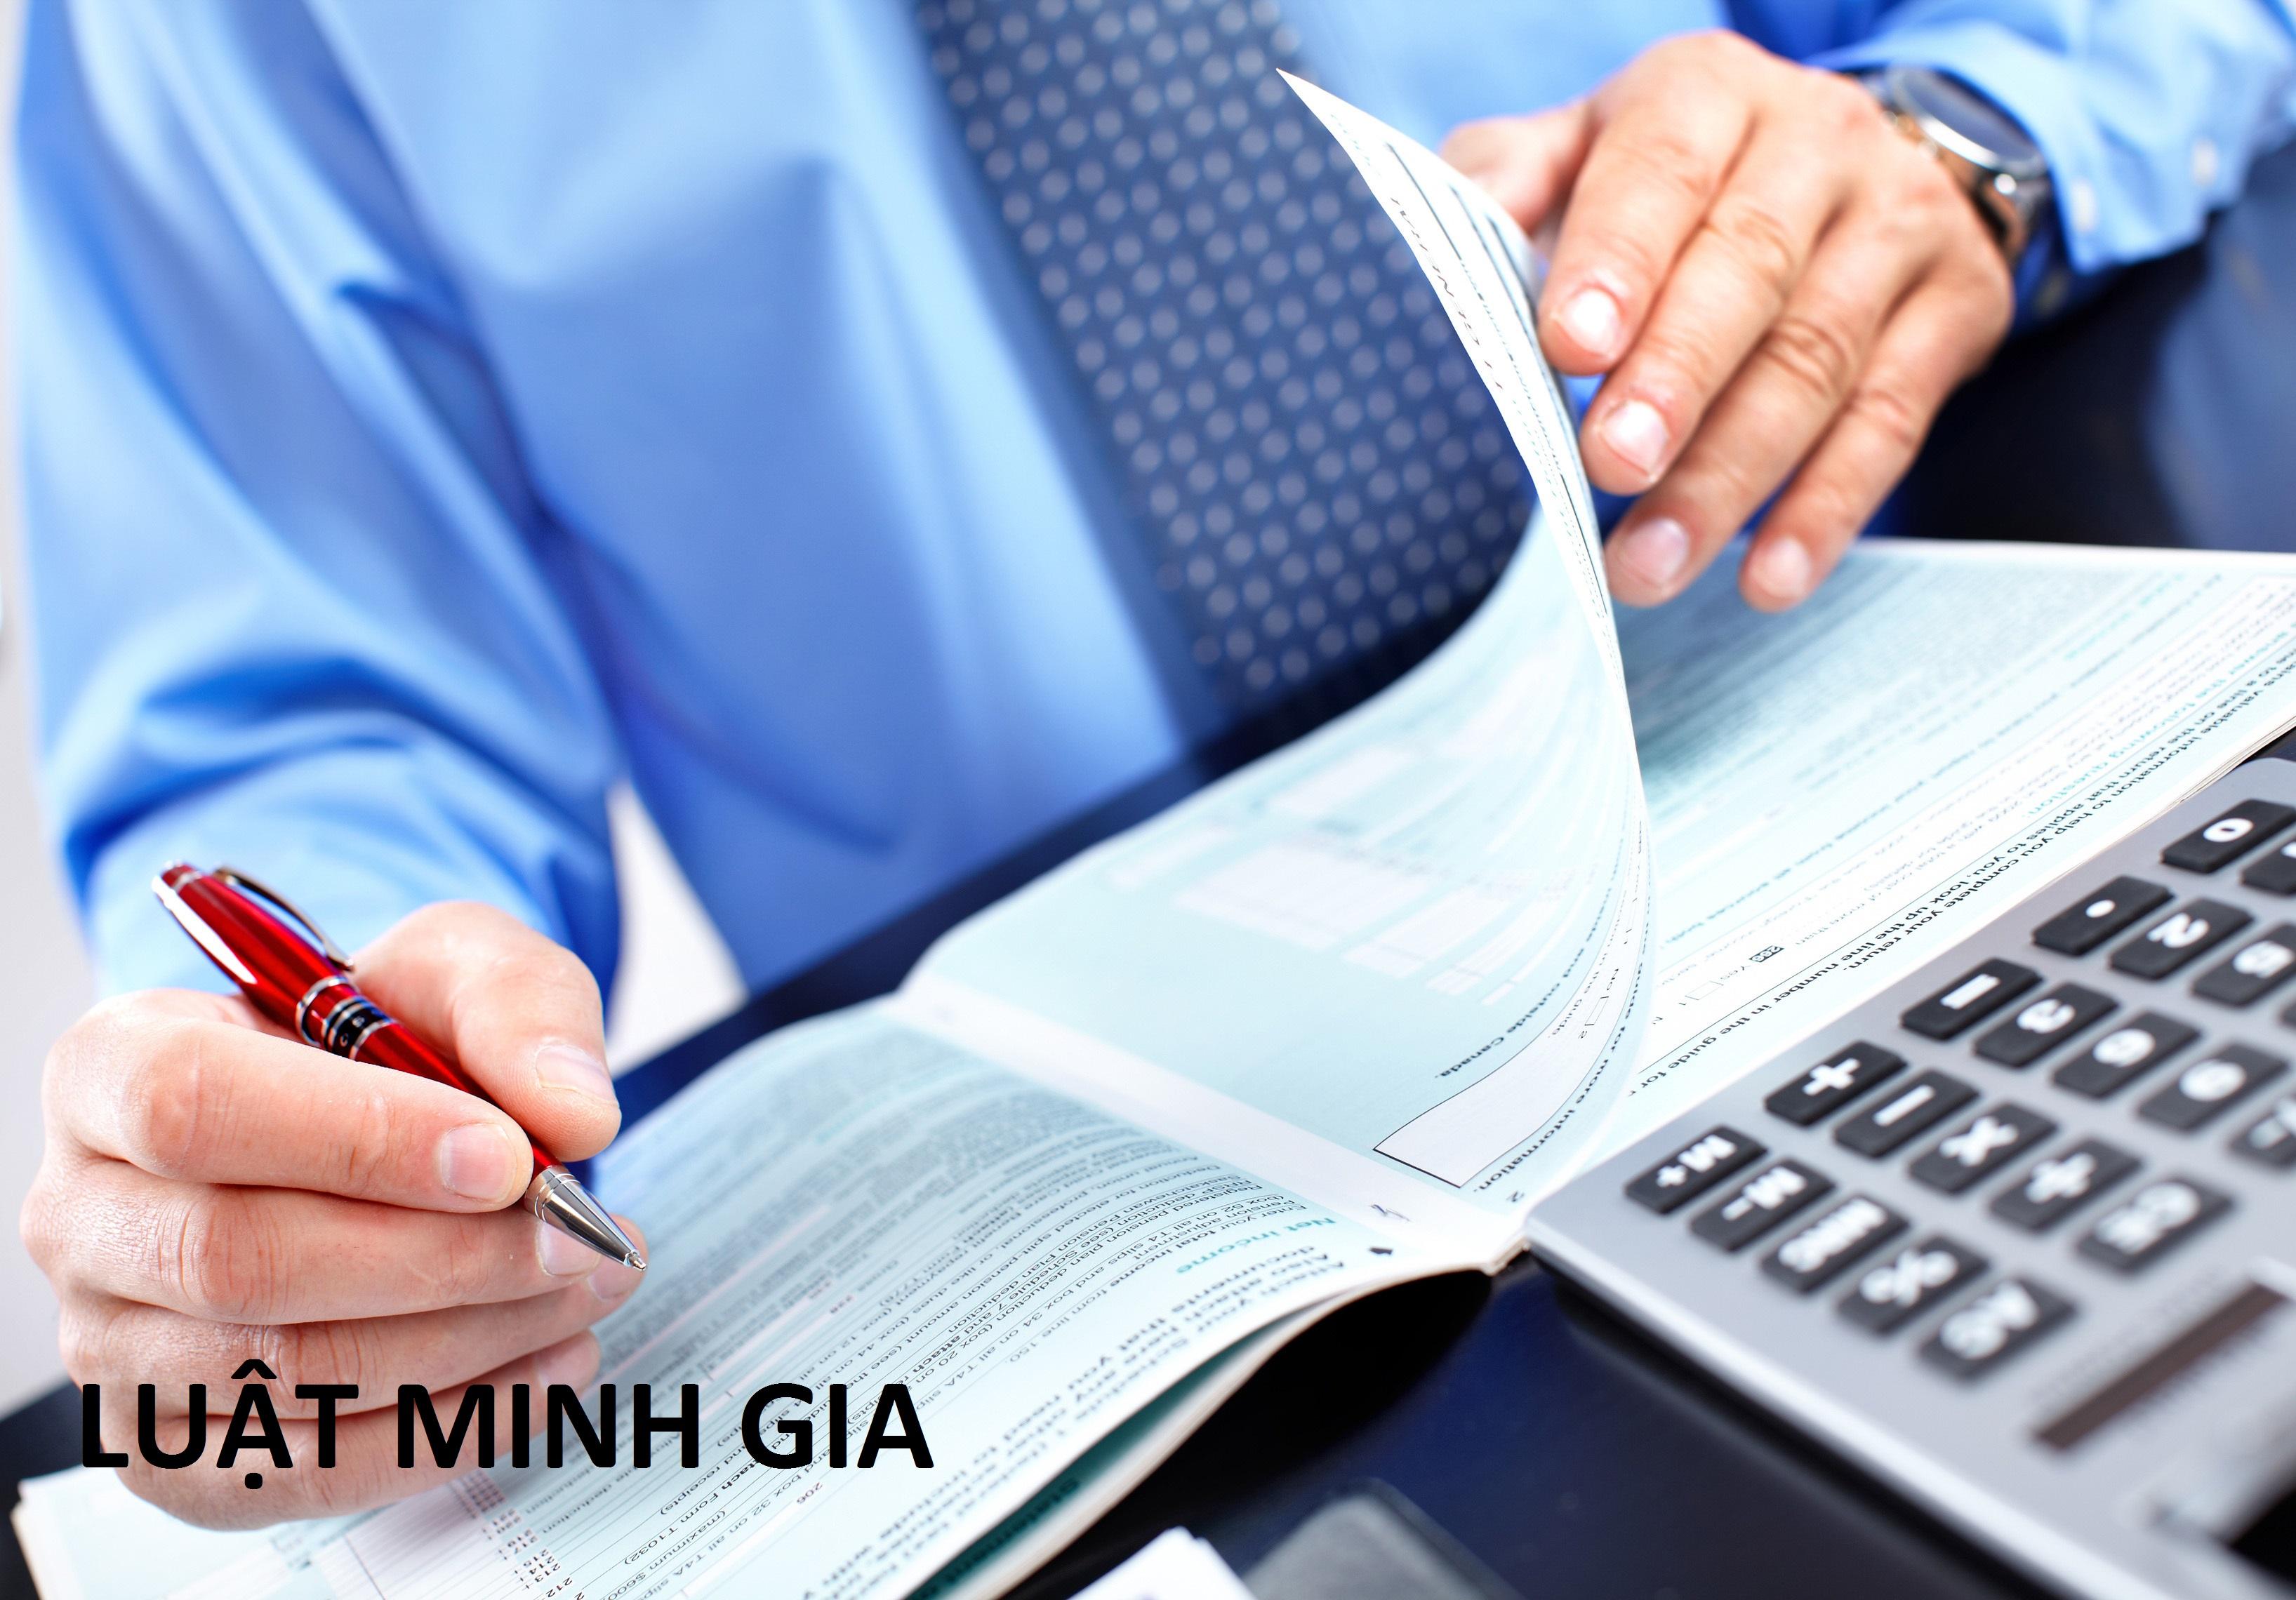 Tiêu chuẩn và điều kiện hành nghề kế toán trưởng